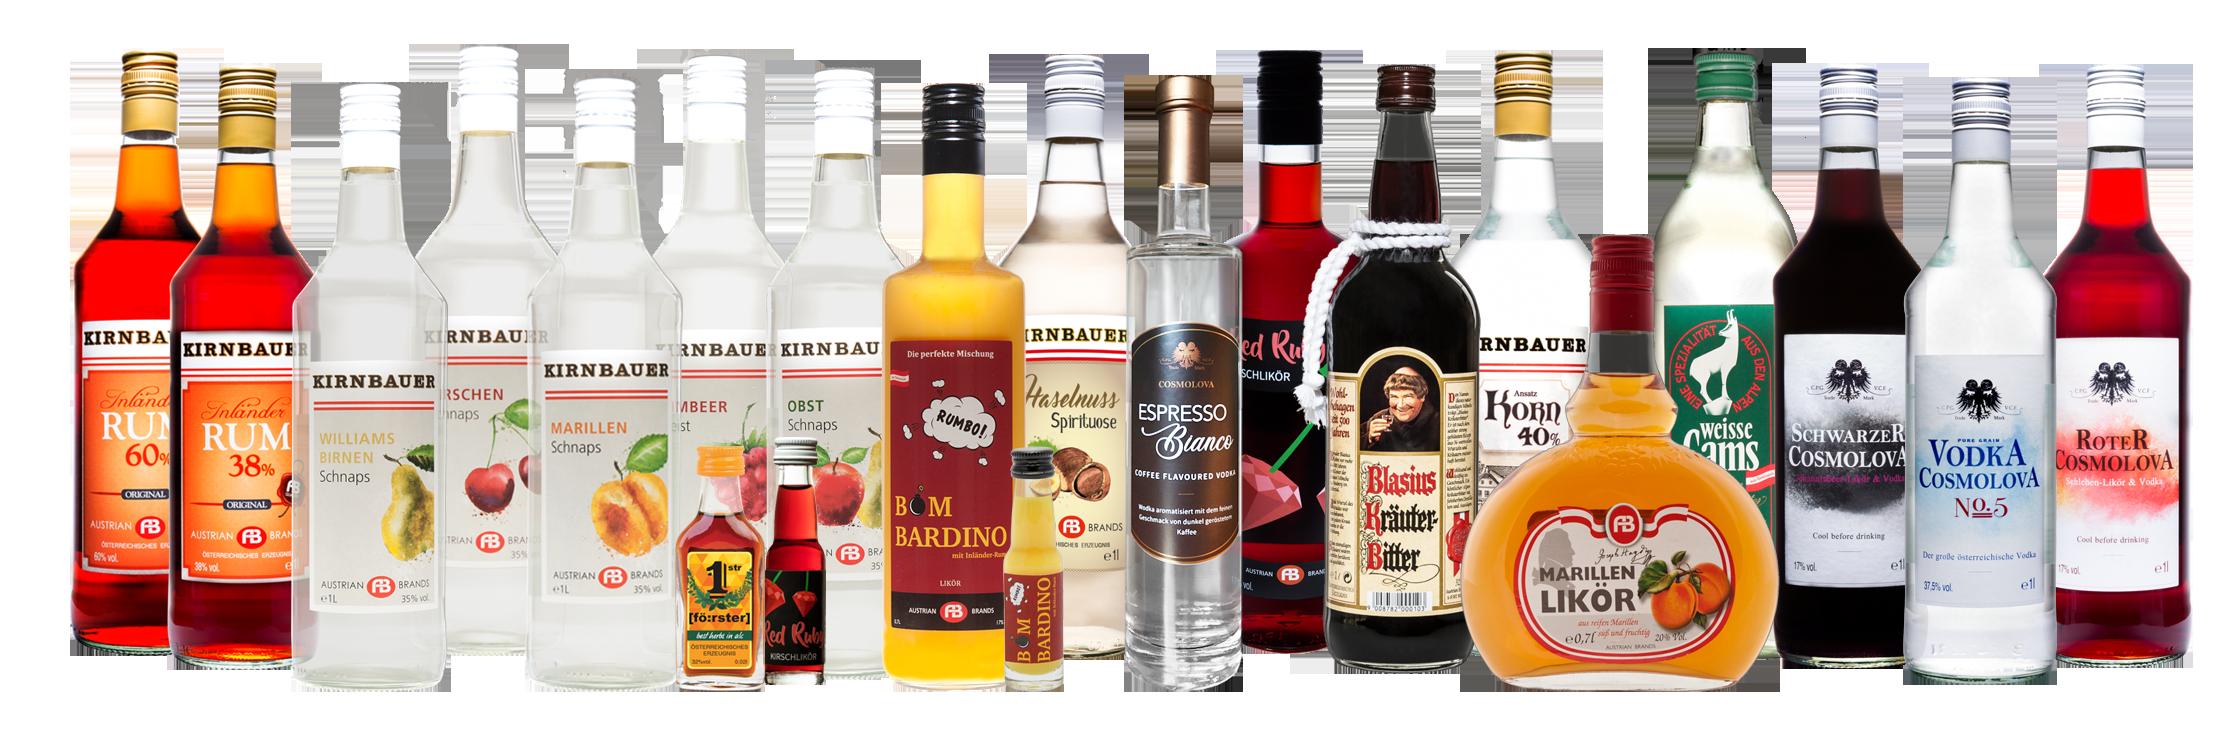 Produkte Austrian Brands